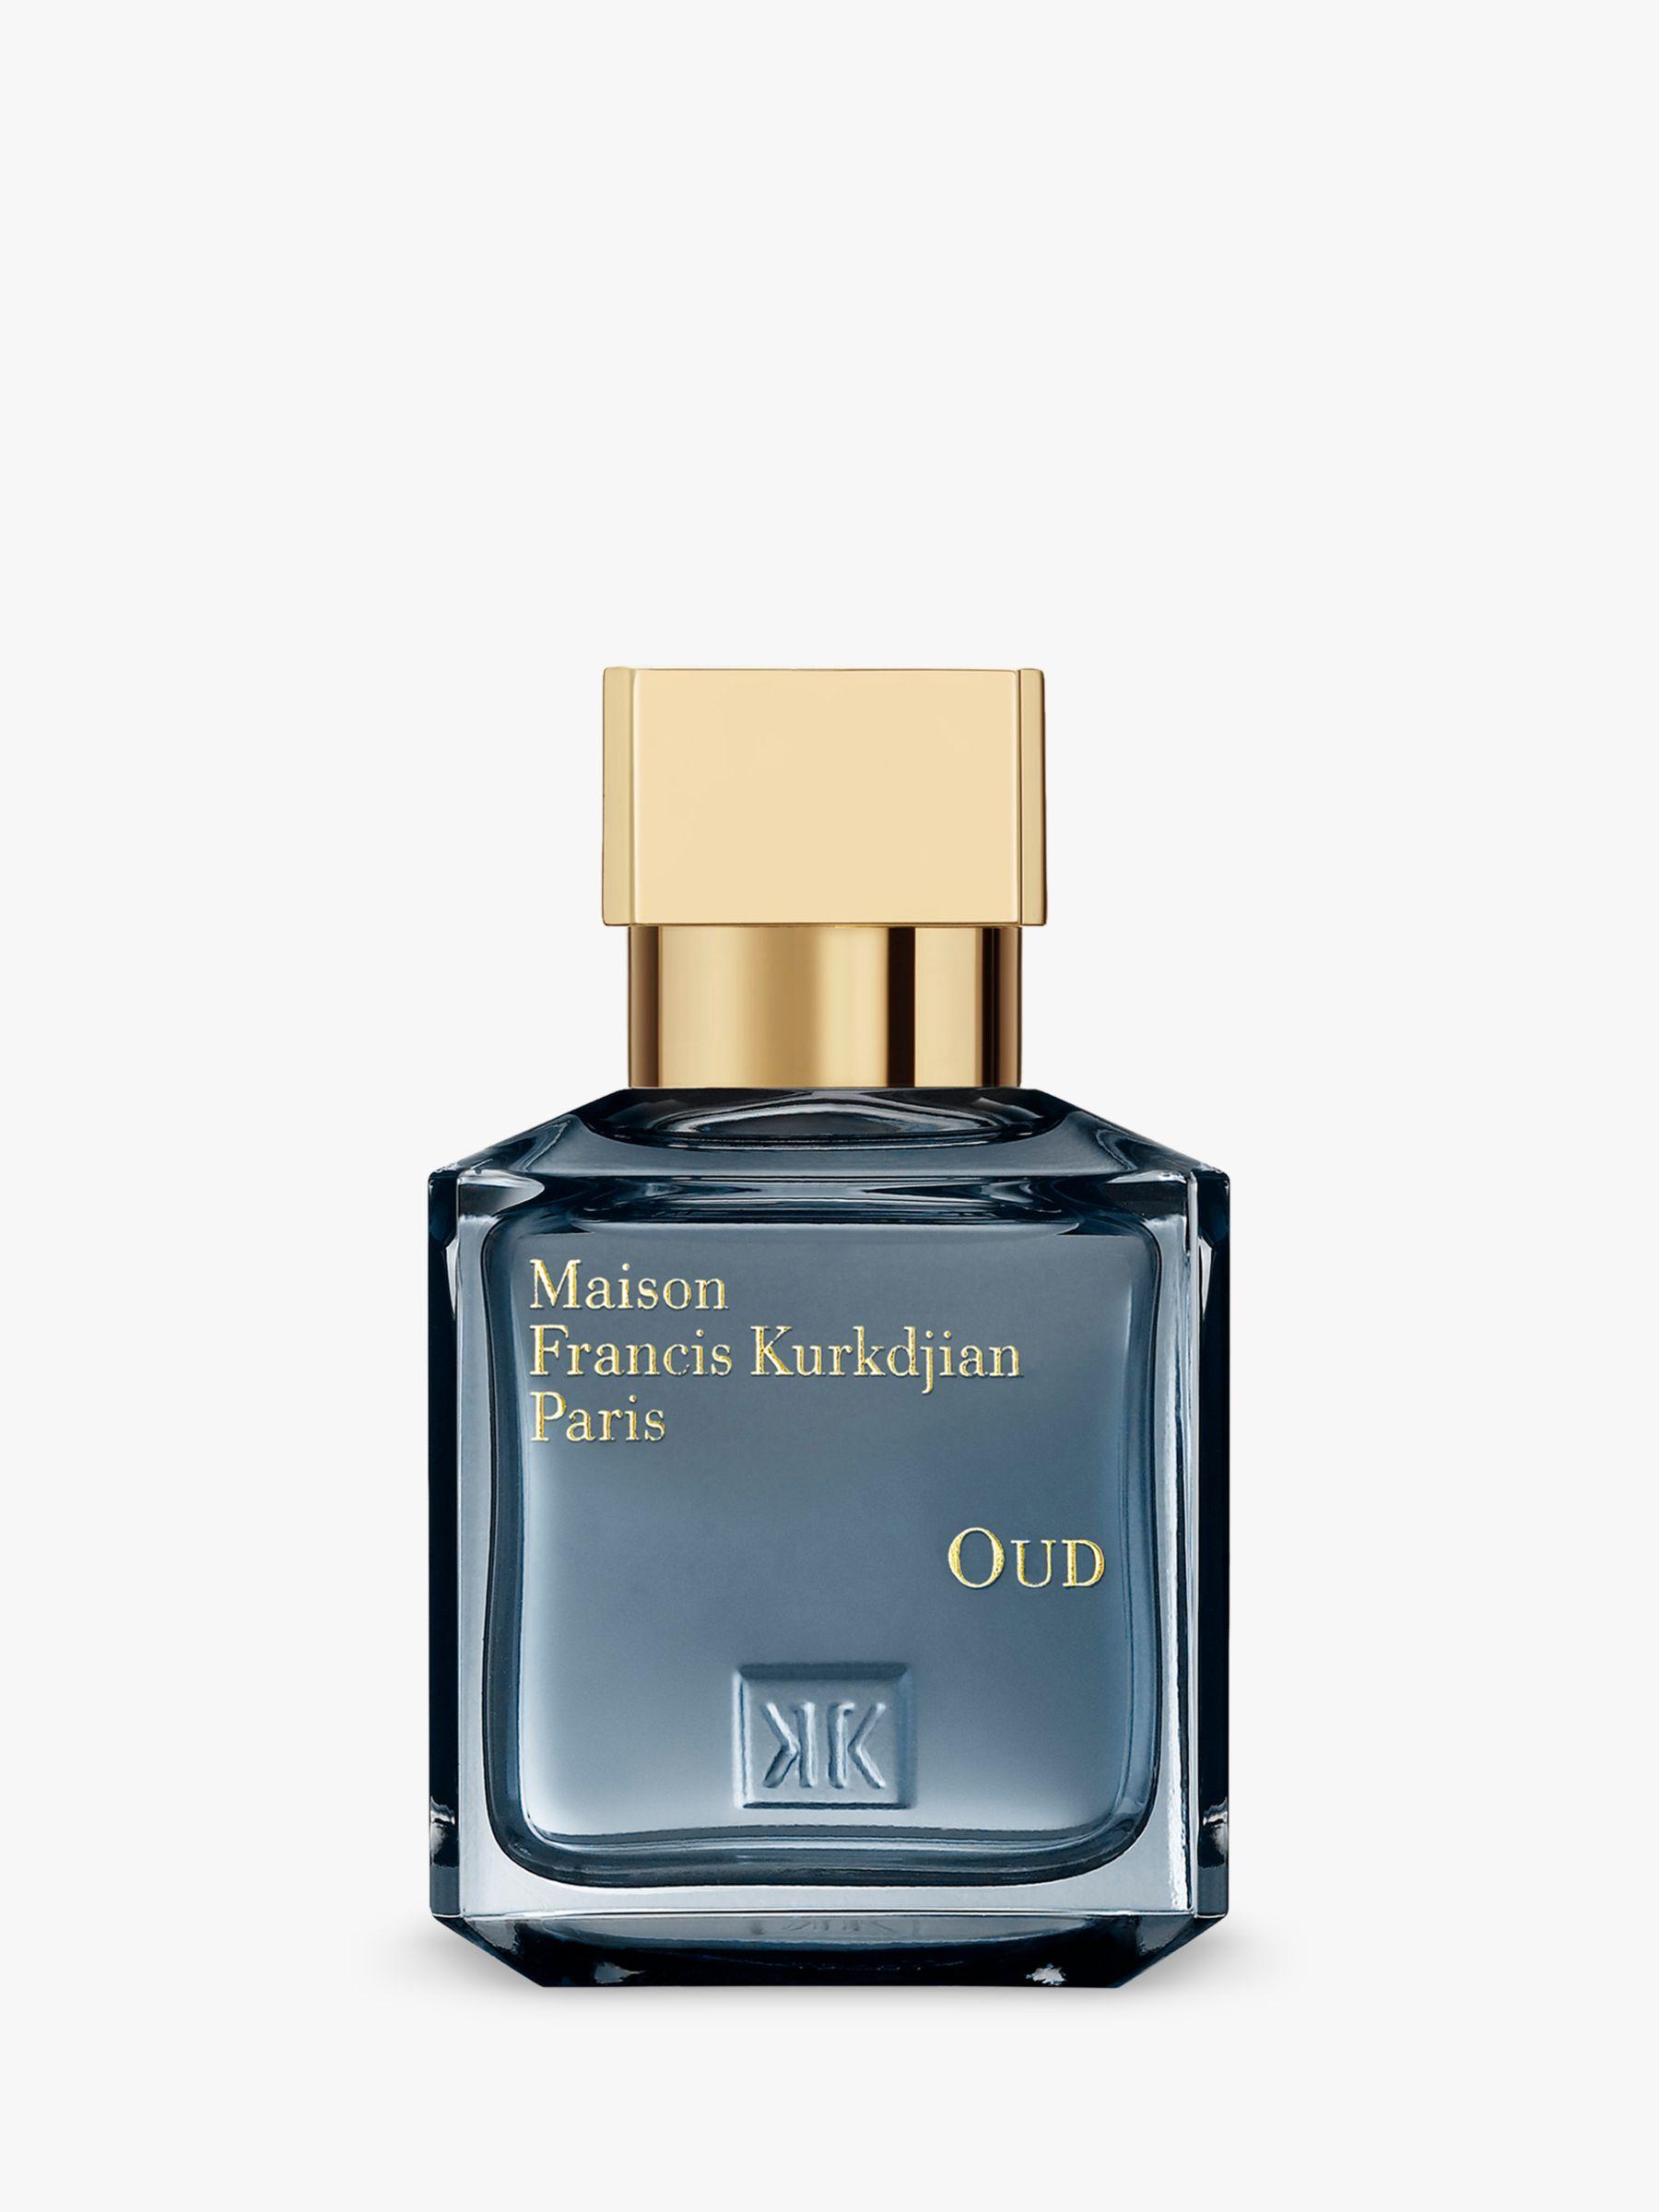 Maison Francis Kurkdjian Maison Francis Kurkdjian Oud Eau de Parfum, 70ml